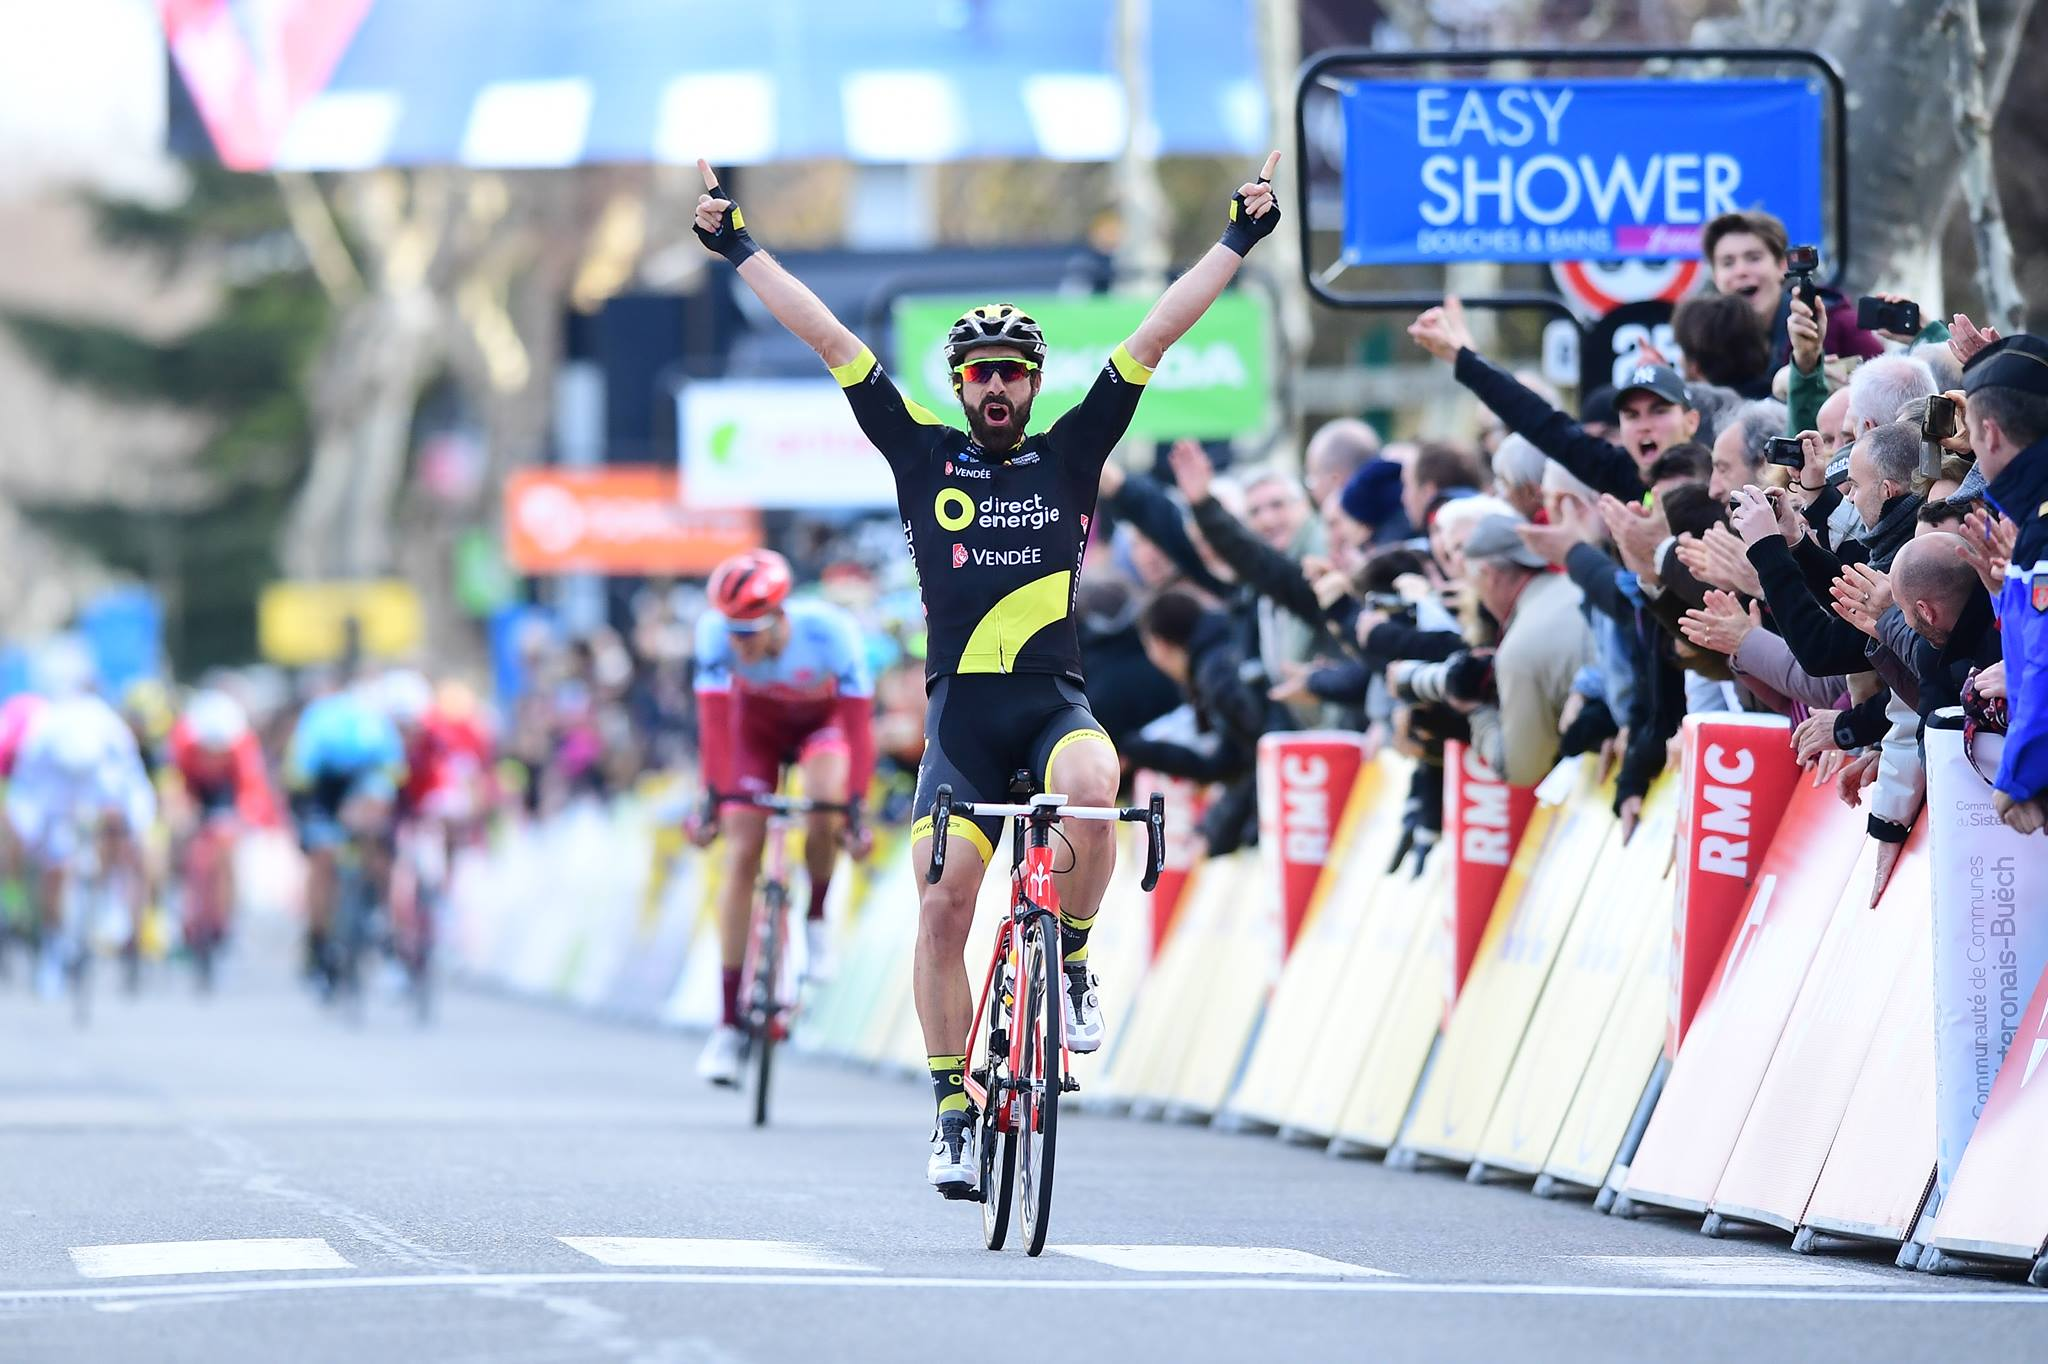 Artem Ovechkin vince la quinta tappa del Tour de Langkawi